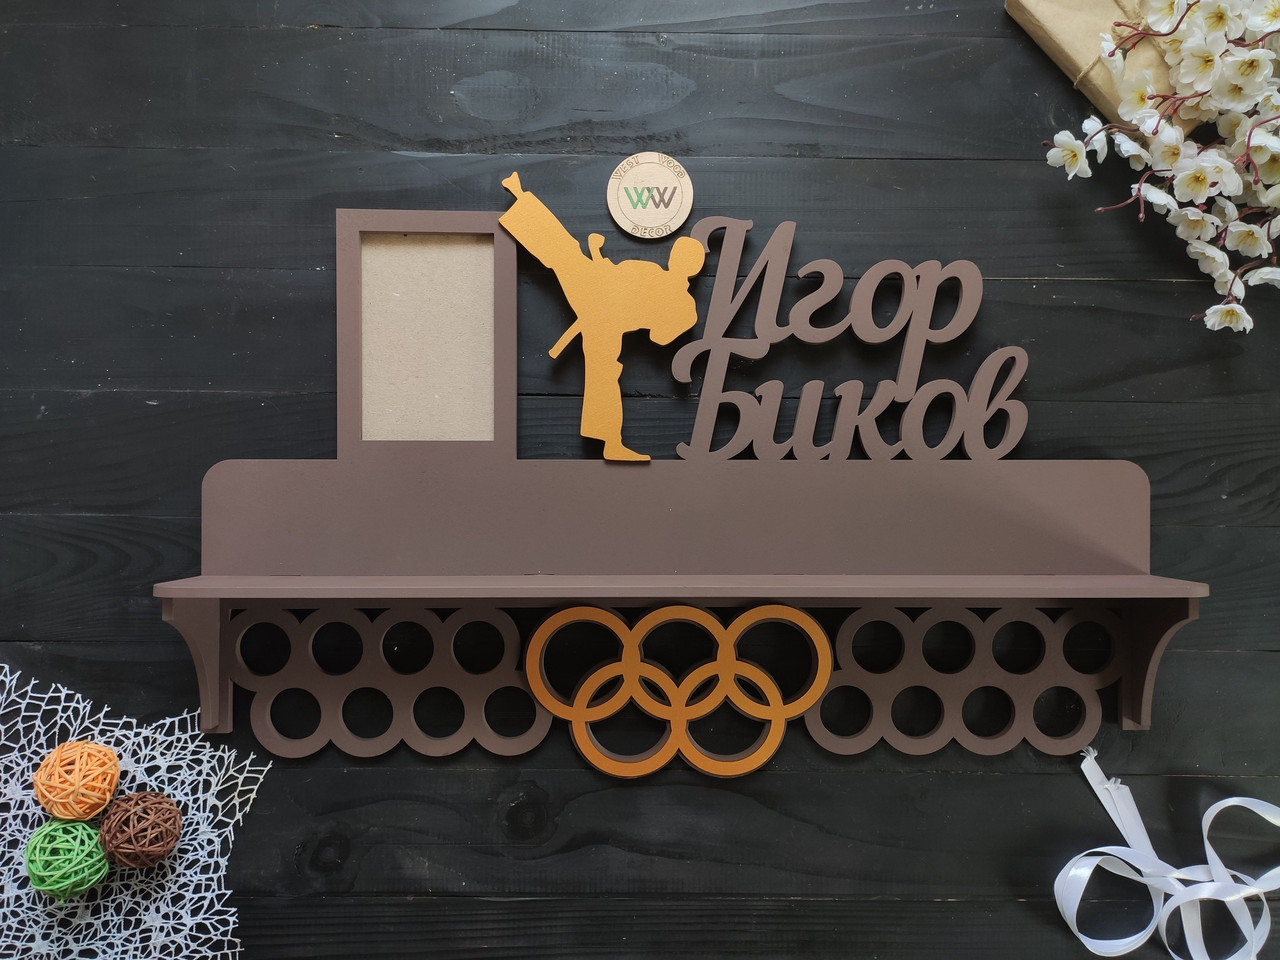 Полочка для кубков, именная медальница с фамилией и фоторамкой, карате, Игорь (любой вид спорта, цвет и текст)